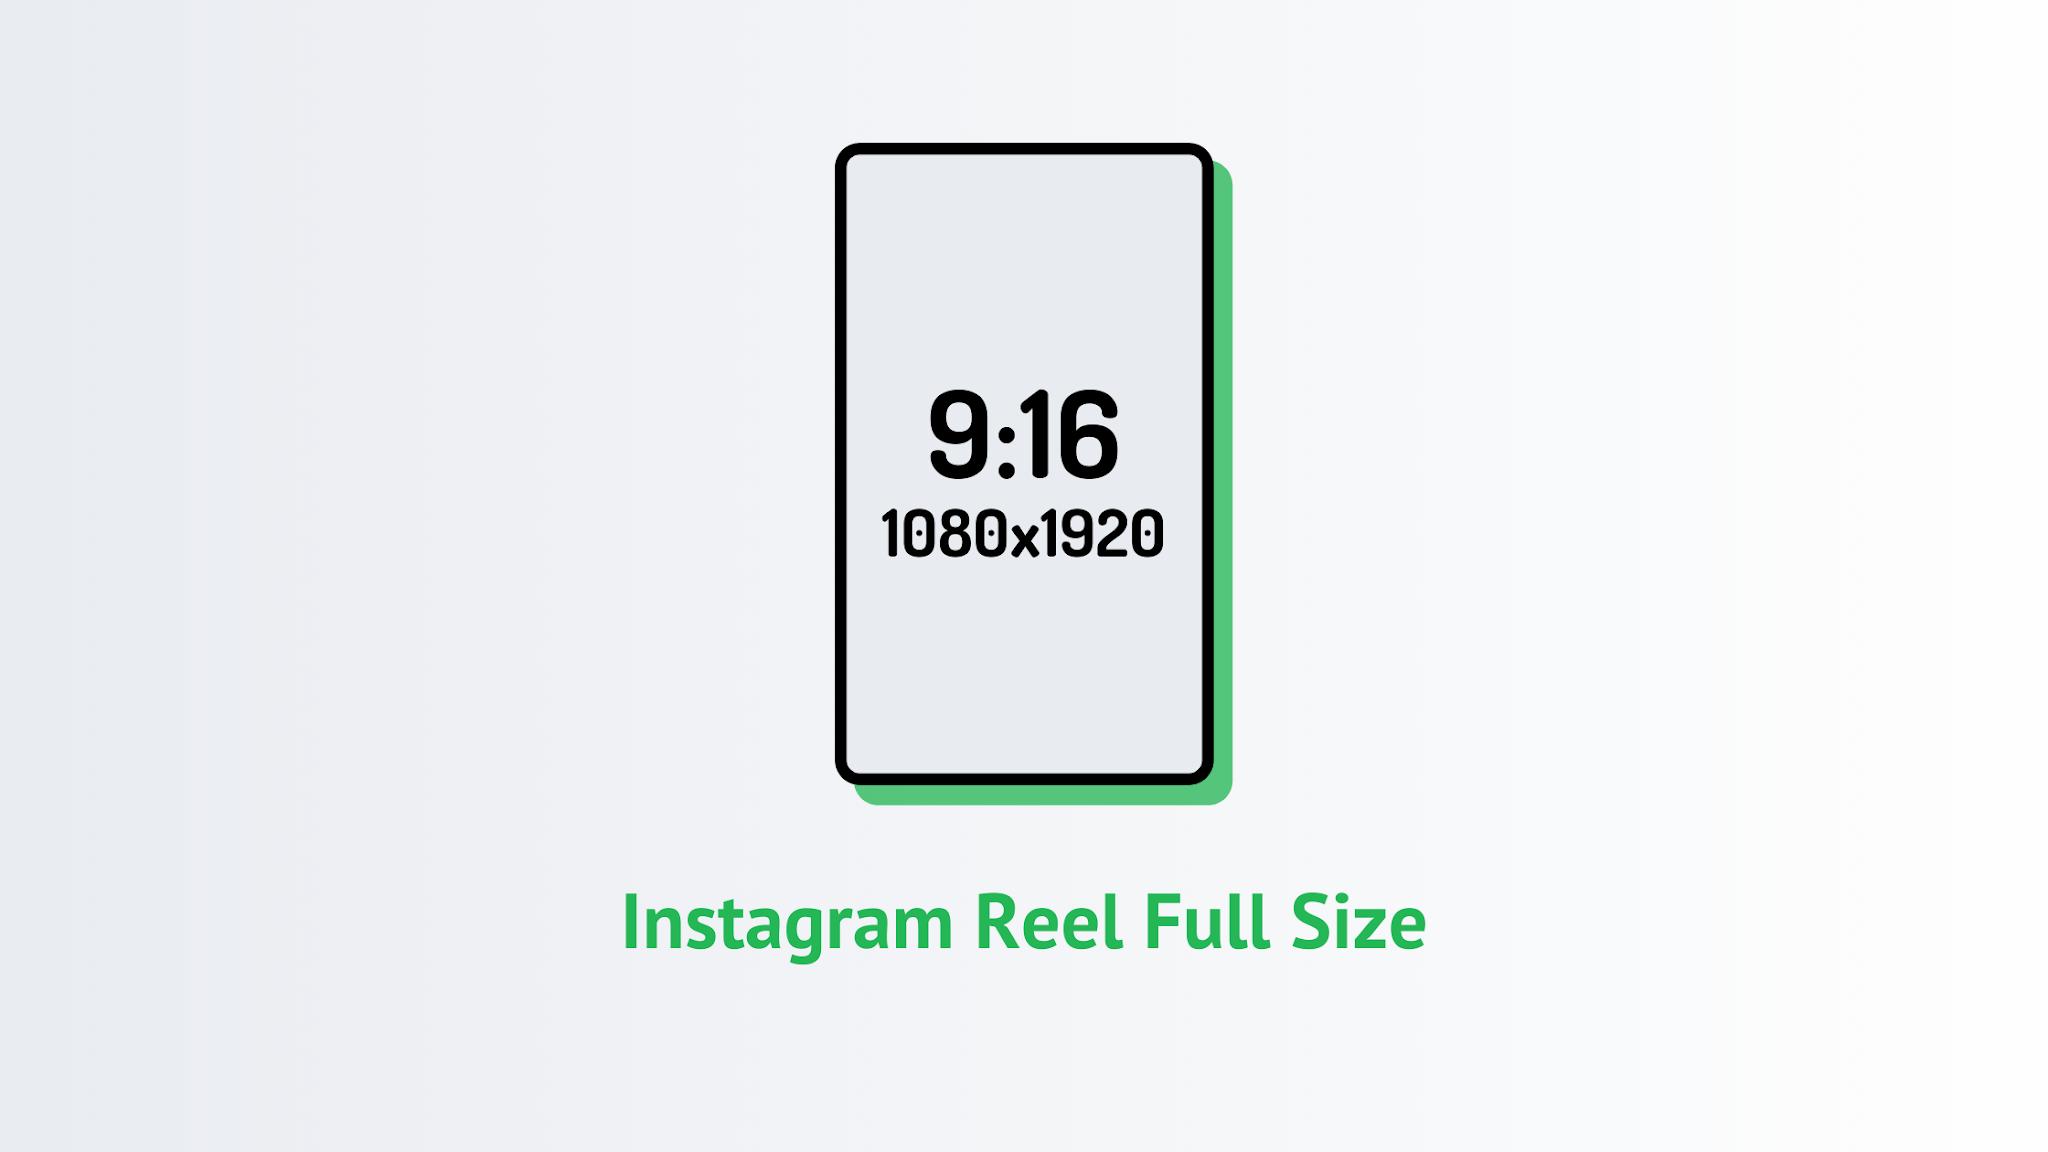 Instagram Reel Full Size